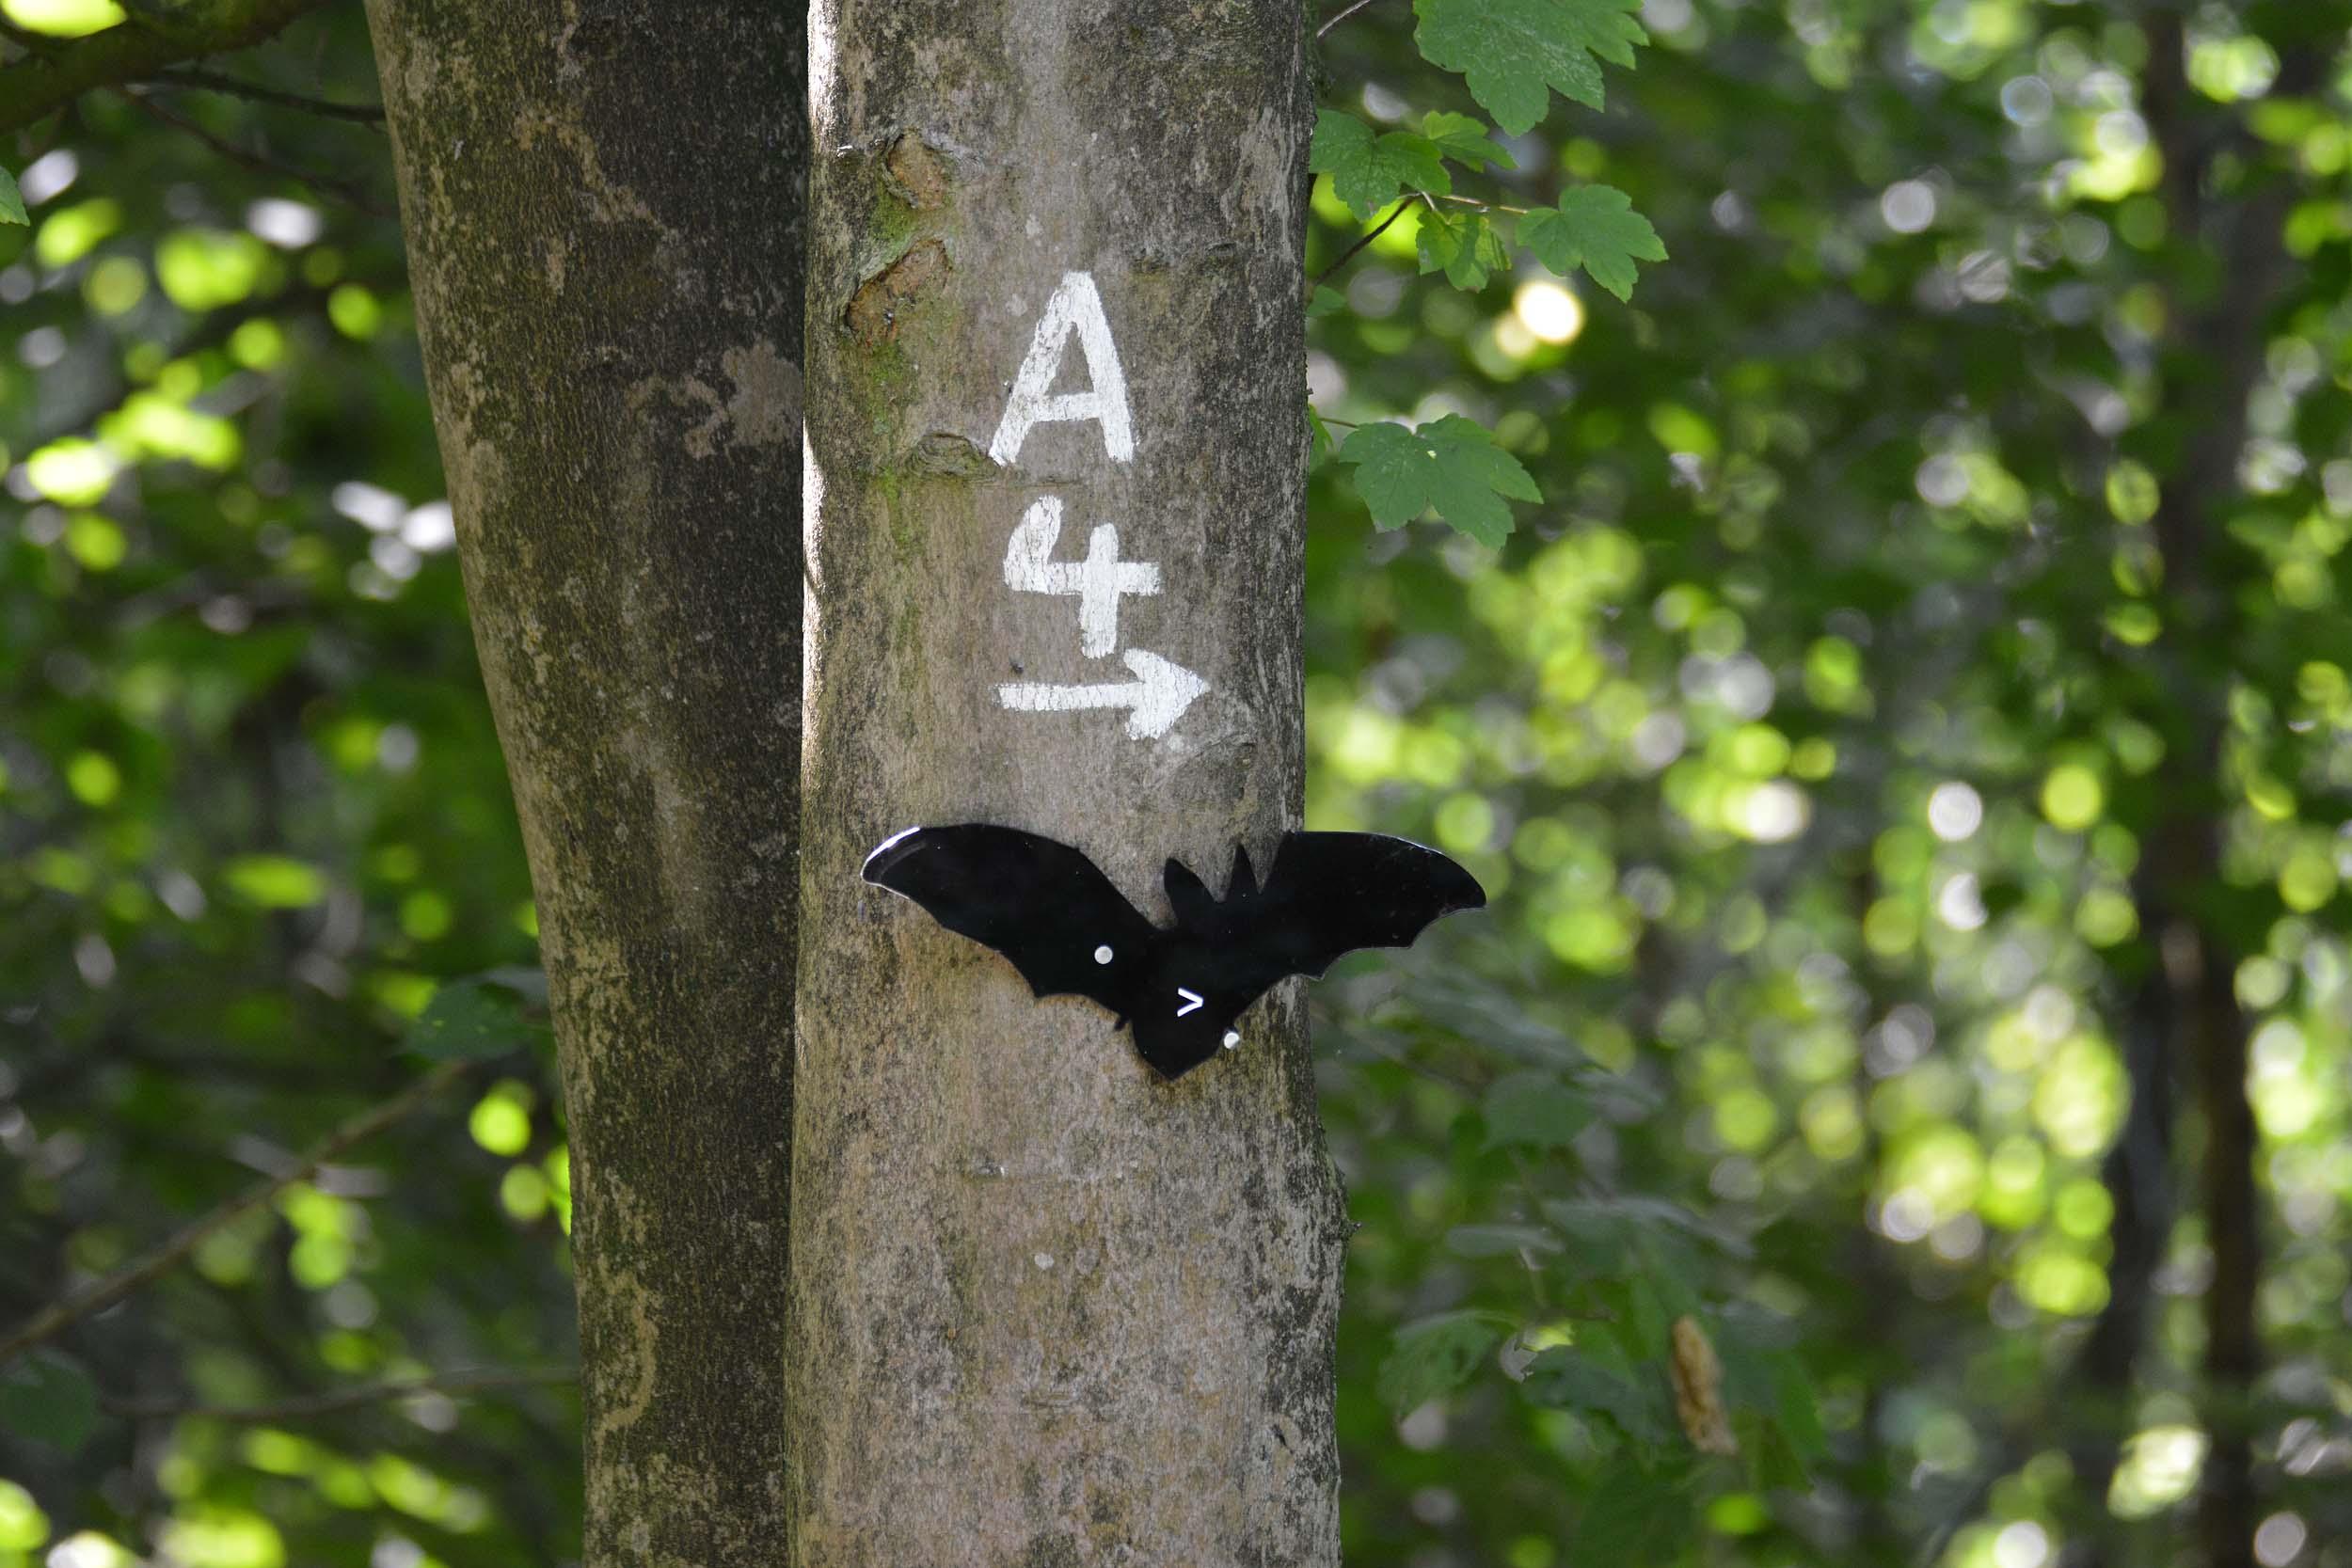 Wegbeschilderung in Form einer Fledermaus